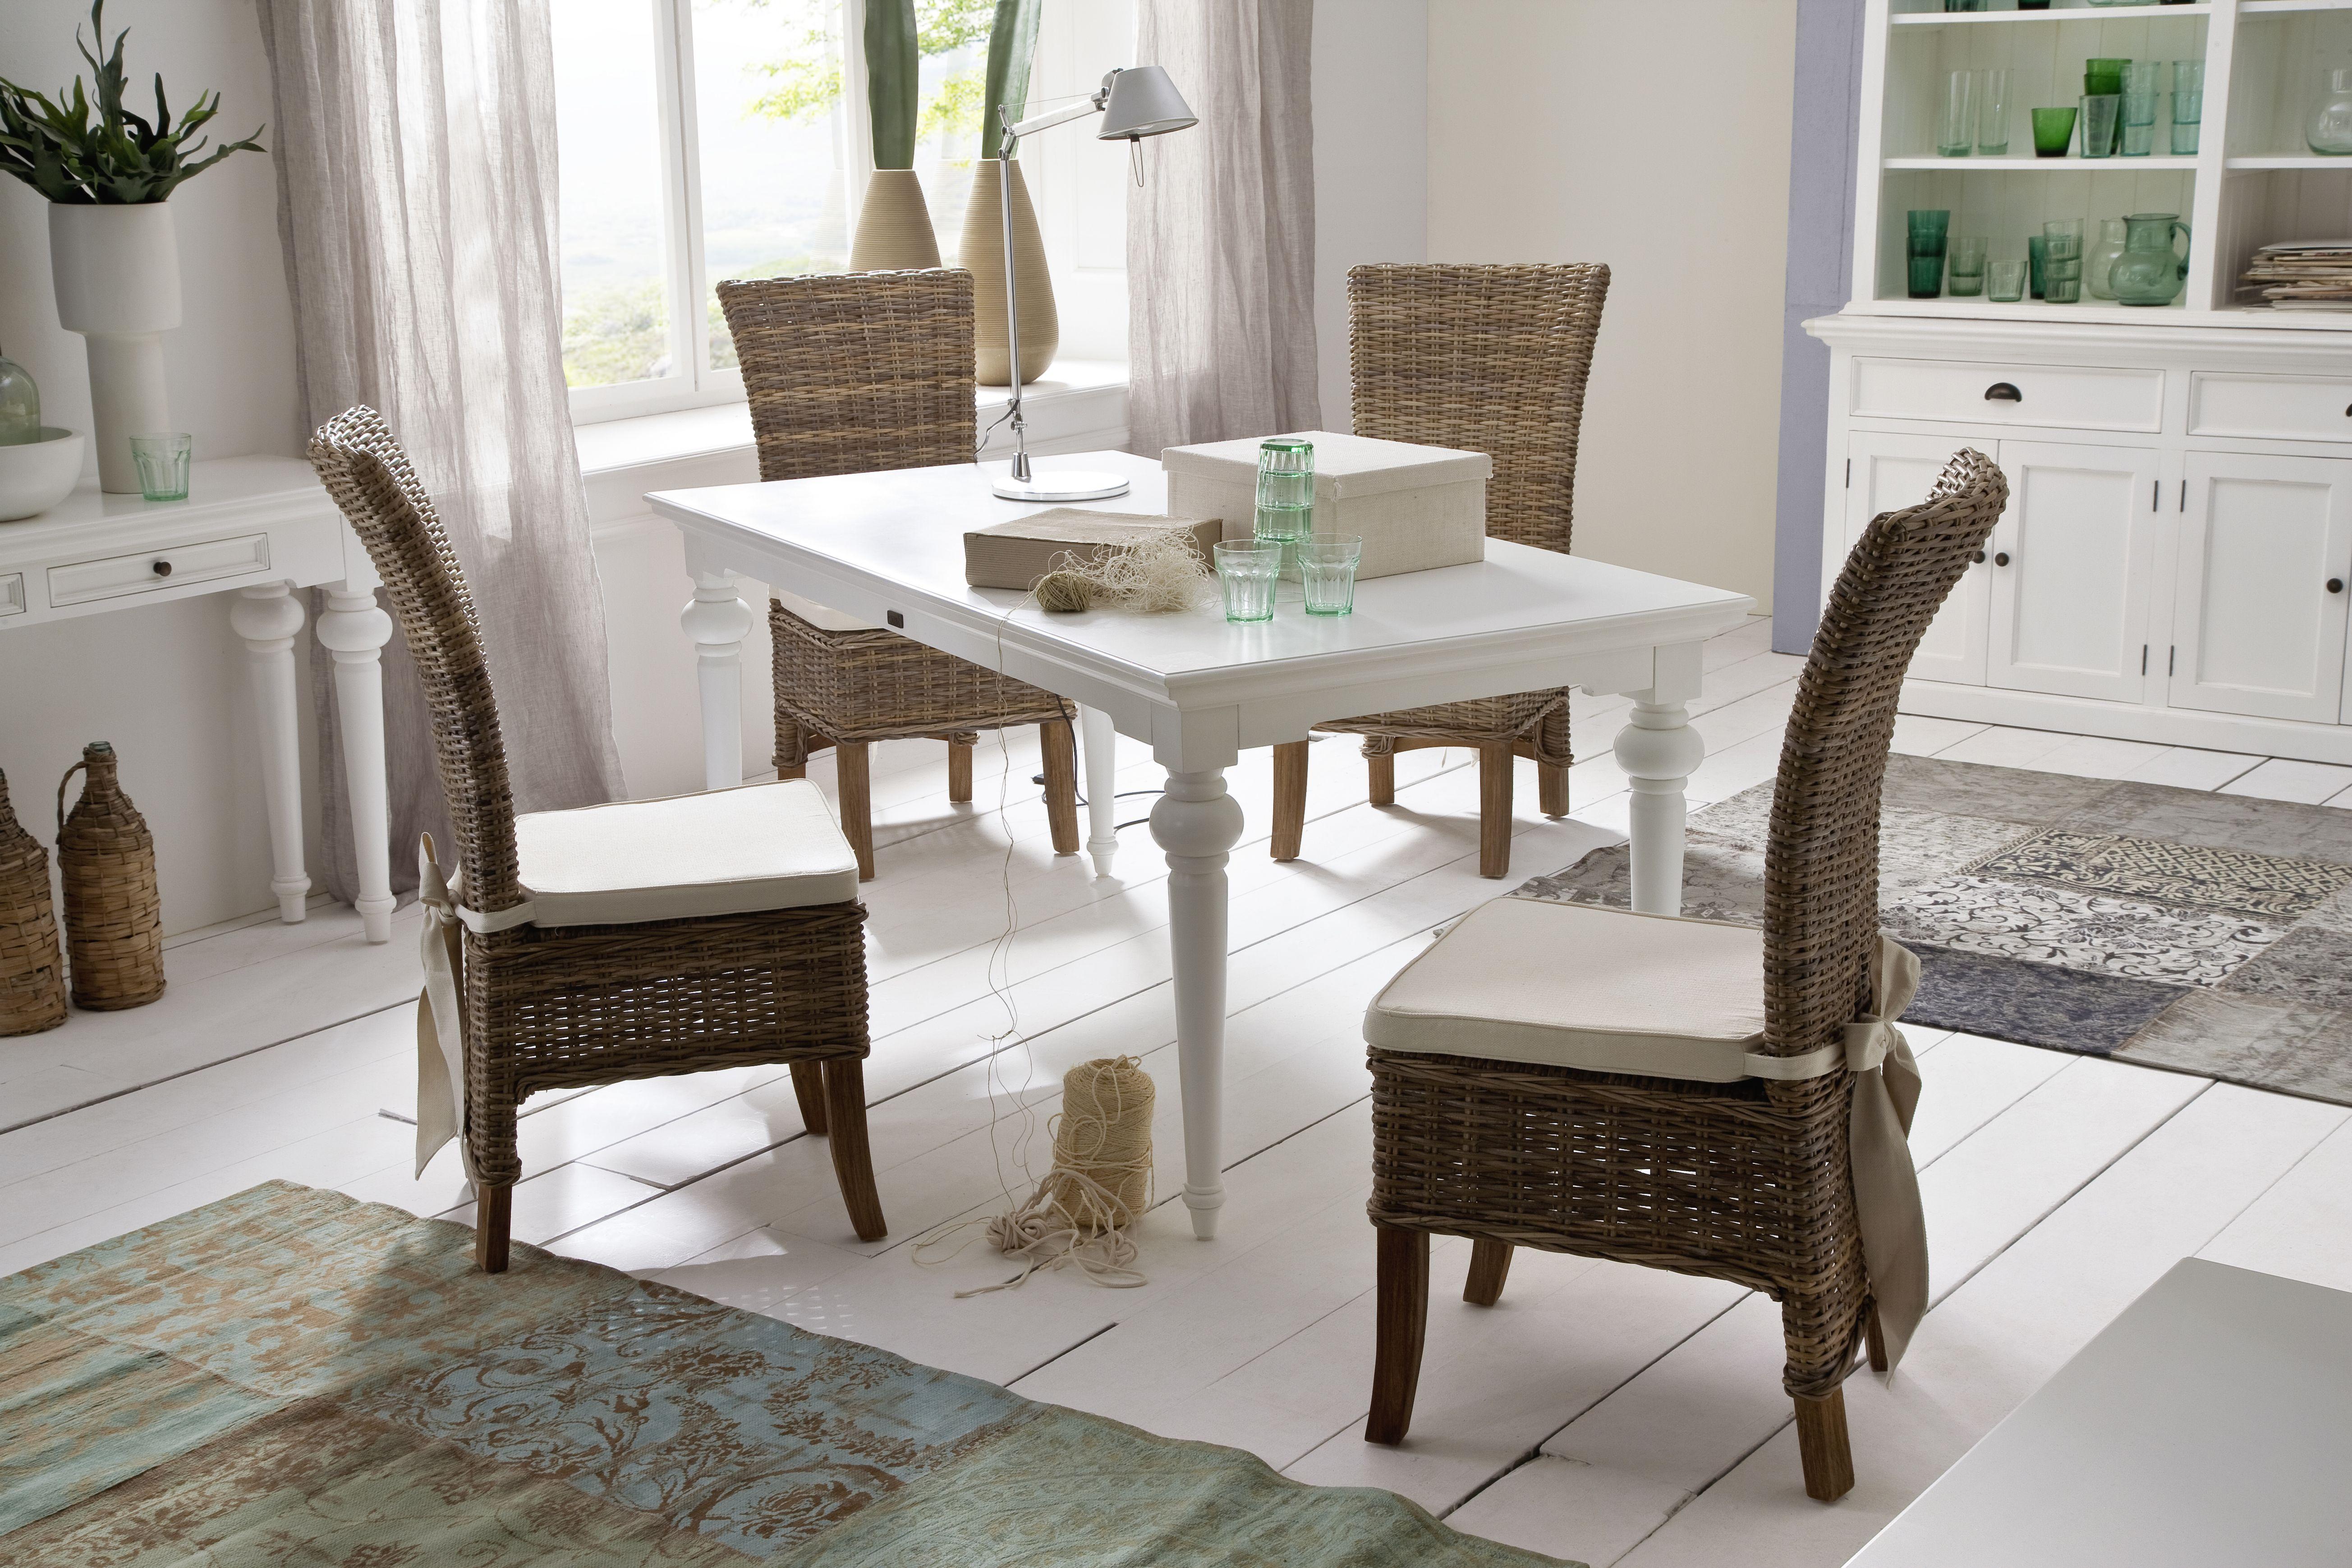 White Mahogany Furniture Hand Made Kubu Rattan Chairs Salsa